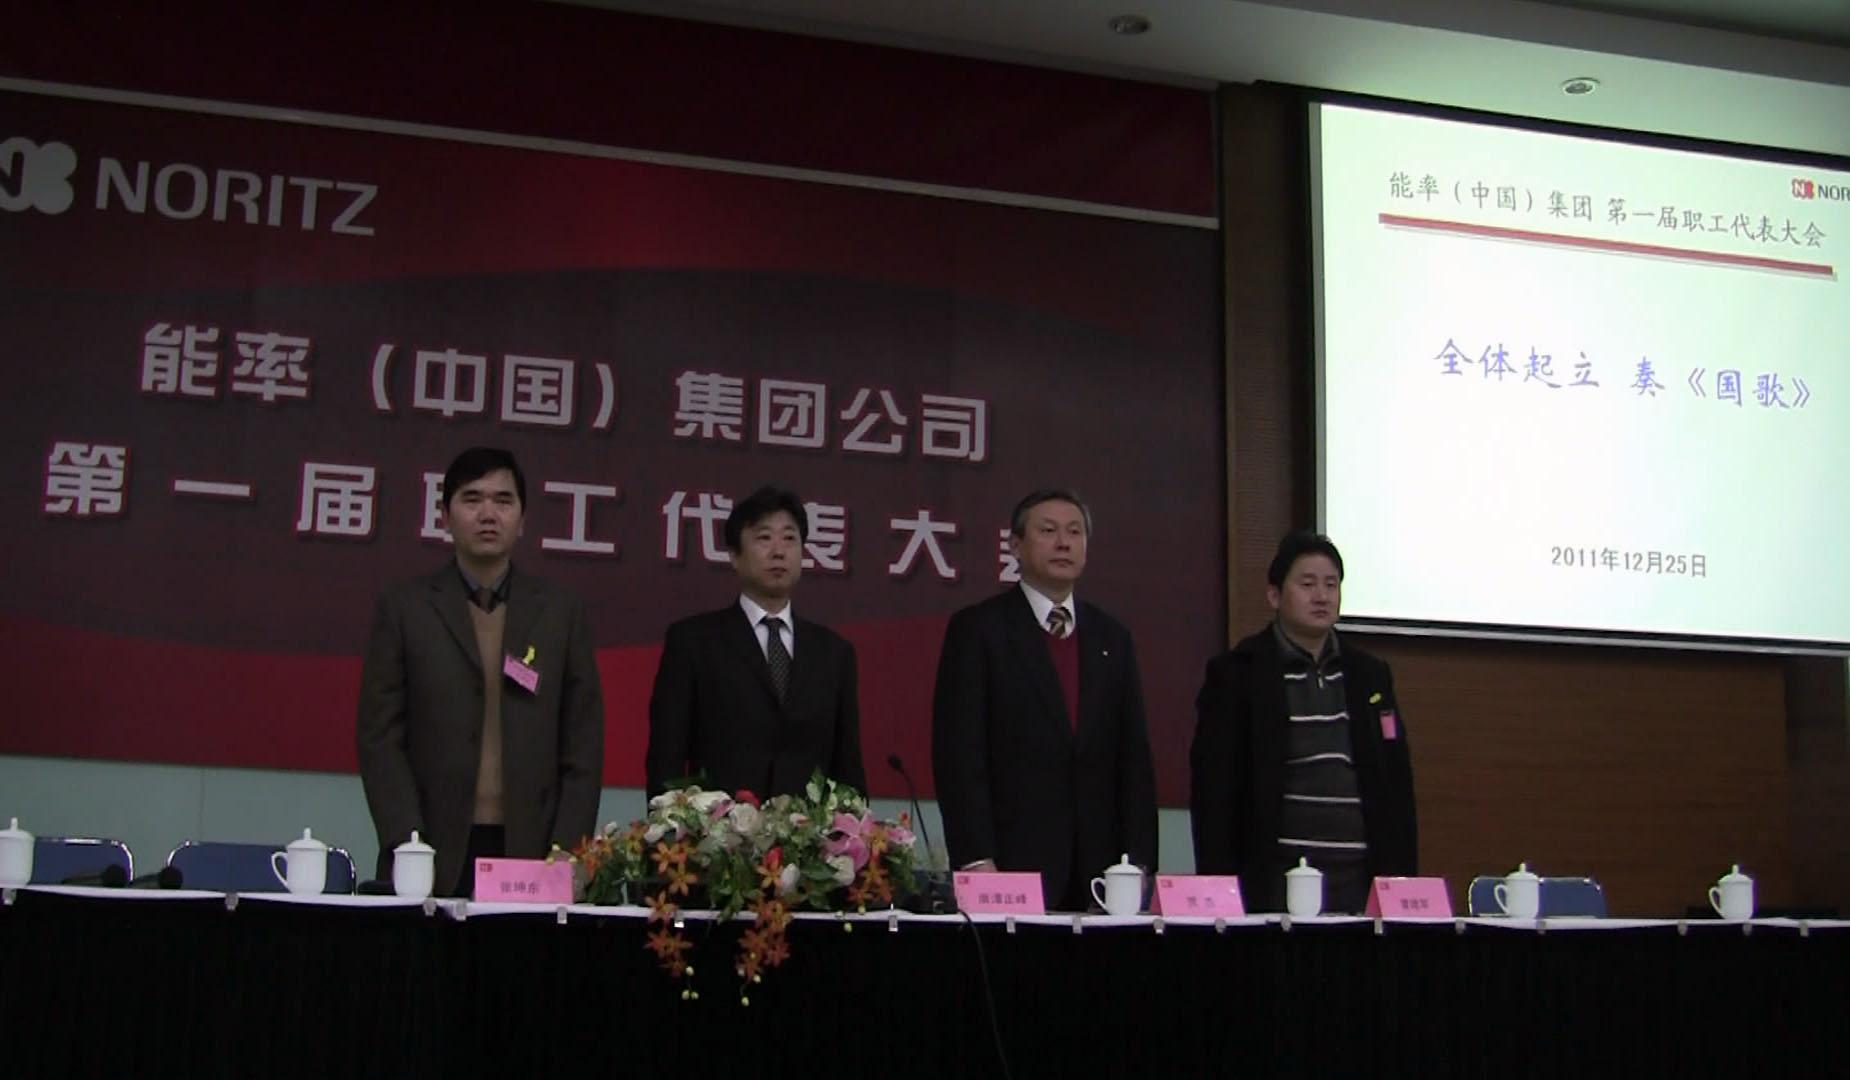 能率(中国)集团公司第一届职工代表大会胜利闭幕